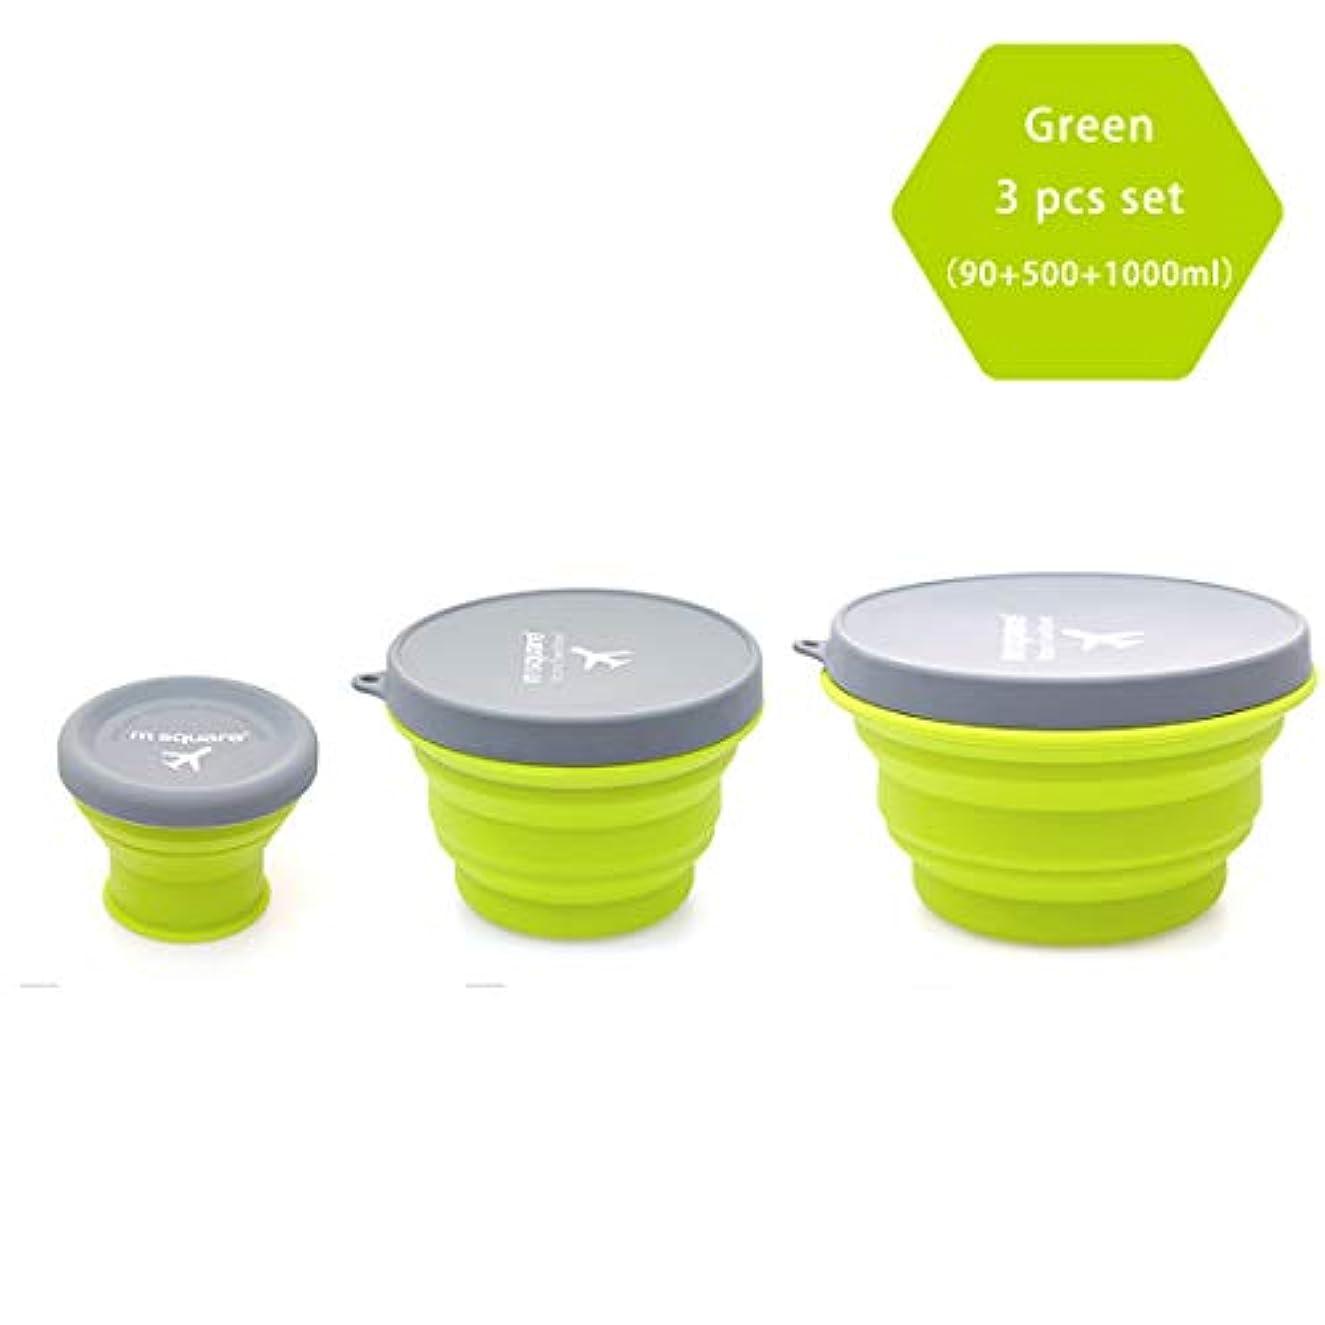 時期尚早辛なおめでとうm正方形折りたたみ式食品グレードシリコンボウル 蓋付き BPAフリー キャンプ 旅行 ペット ハイキング バックパッキングボウル 3個セット グリーン